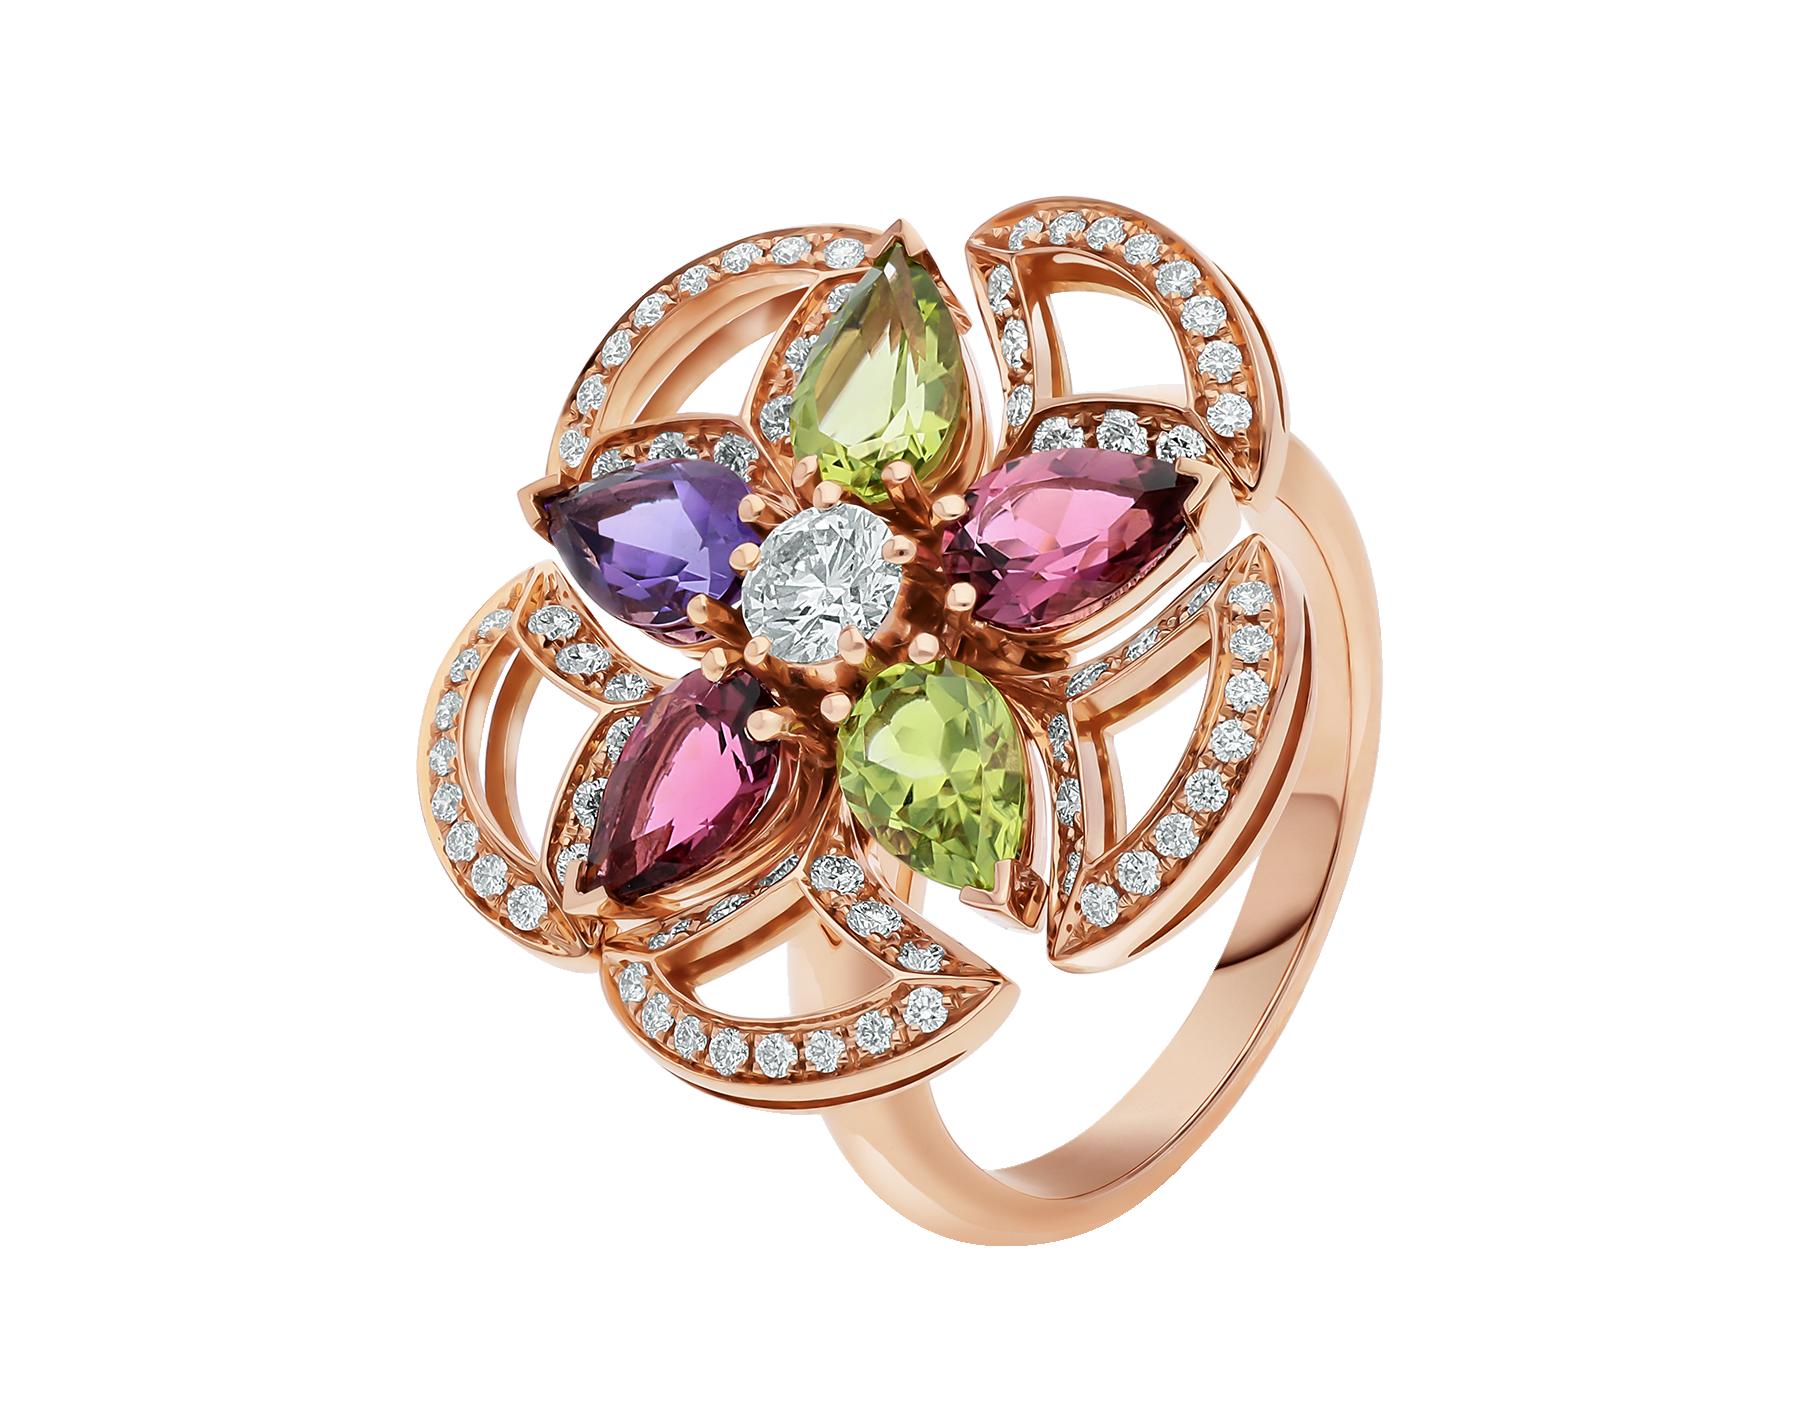 Bague DIVAS' DREAM en or rose 18K sertie de pierres de couleur, diamant taille brillant et pavé diamants AN858421 image 1